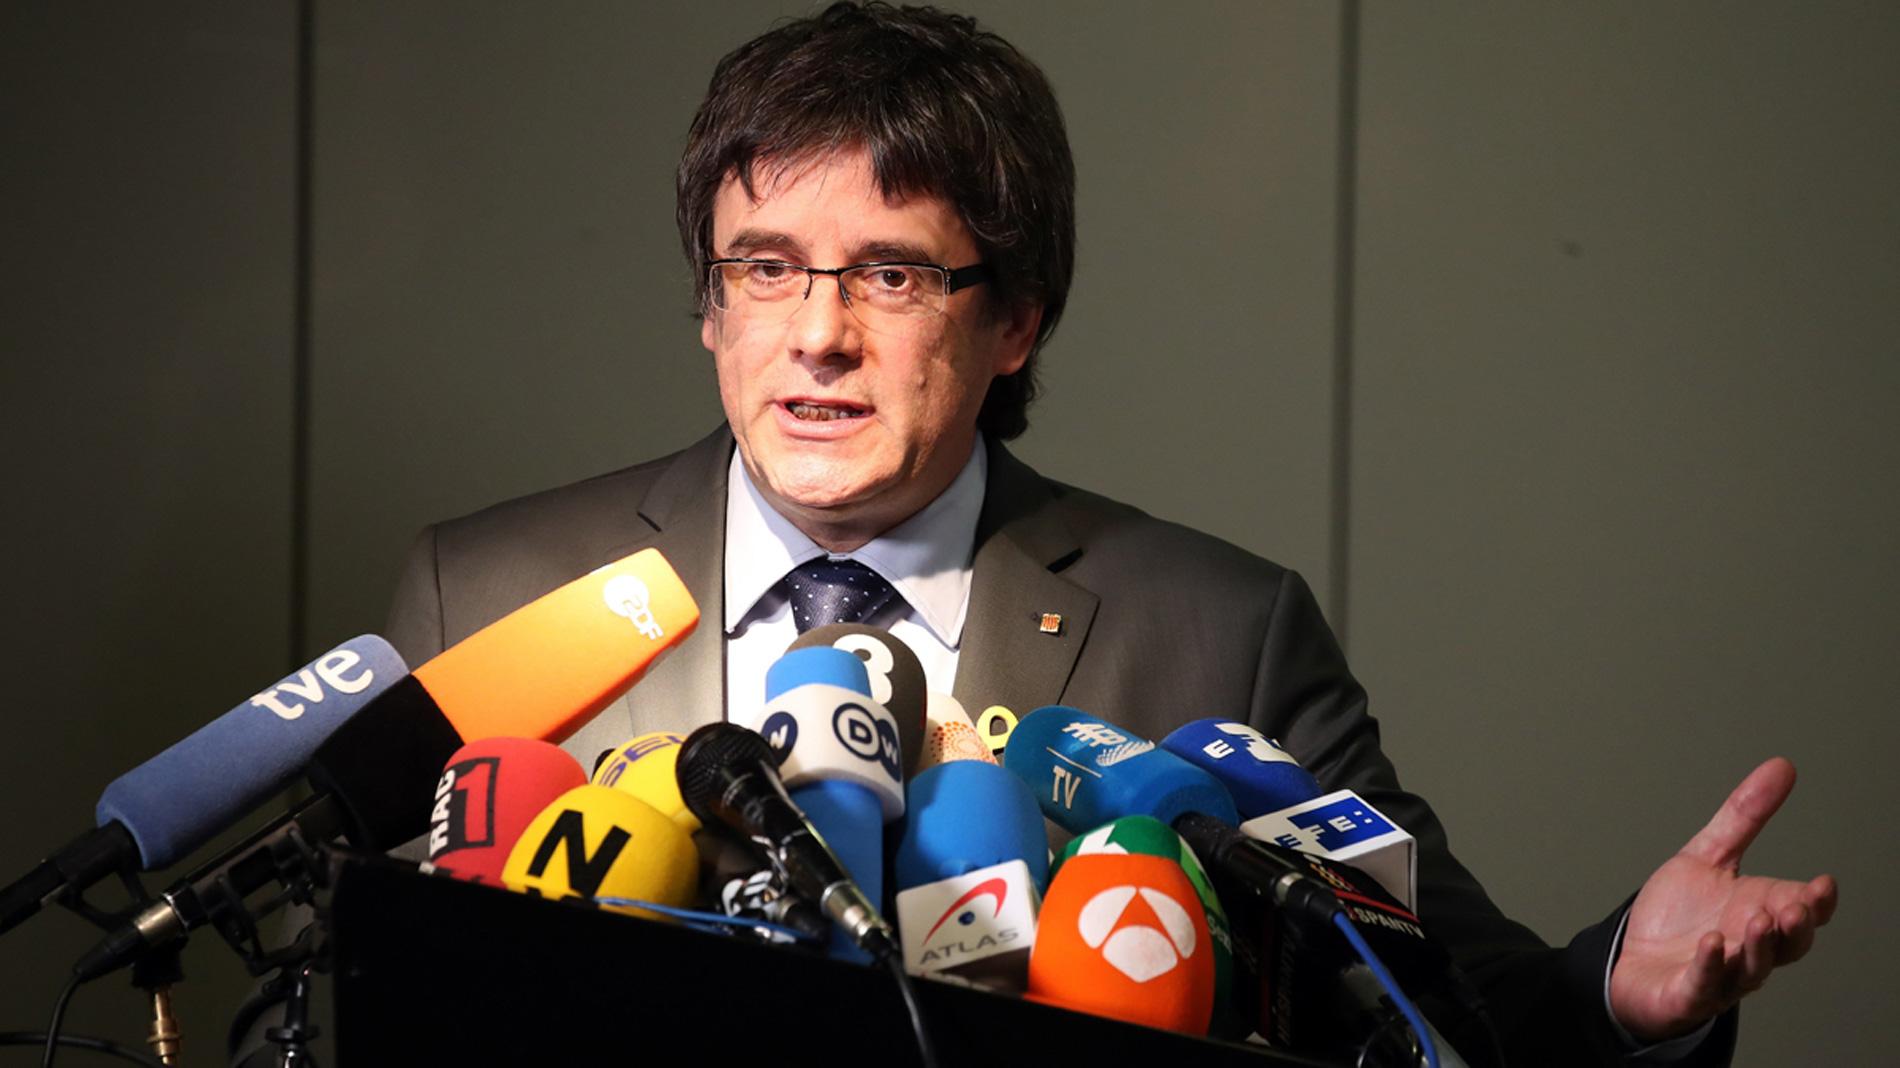 El juez Llarena avisa a la justicia alemana que la orden de detención contra Puigdemont es correcta